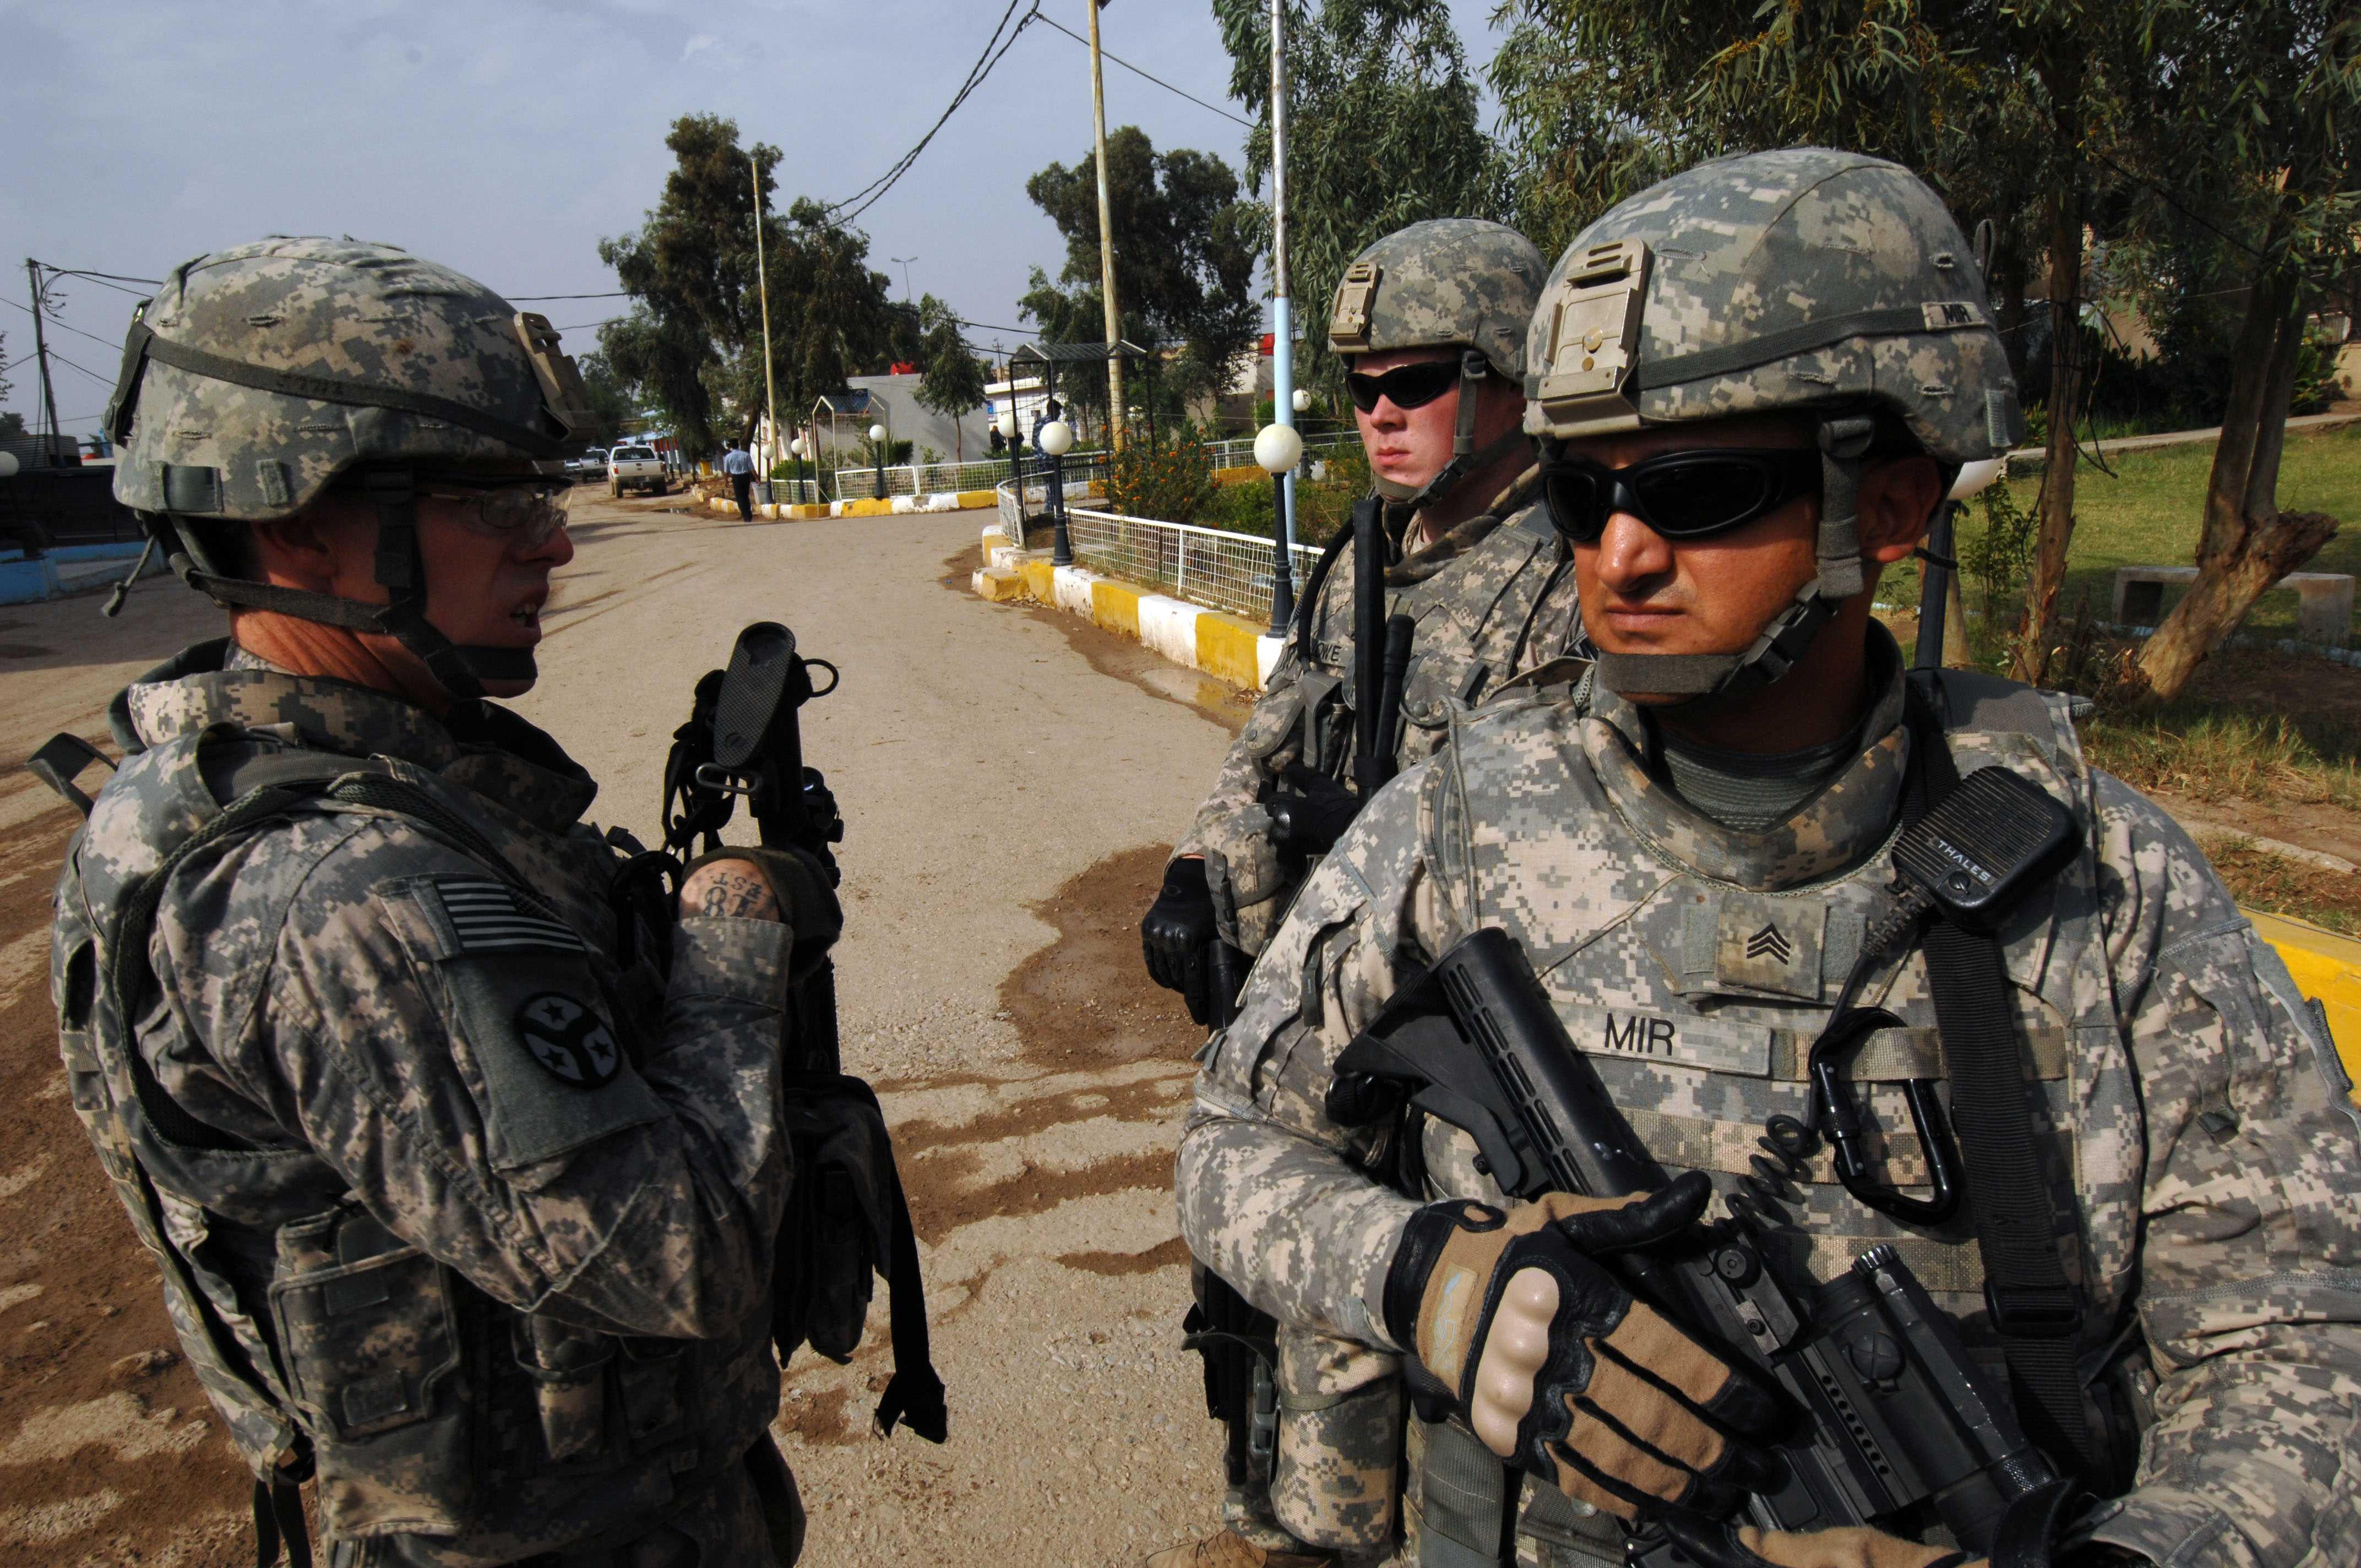 Chất lượng binh sĩ của quân đội Mỹ ngày càng được nâng cao